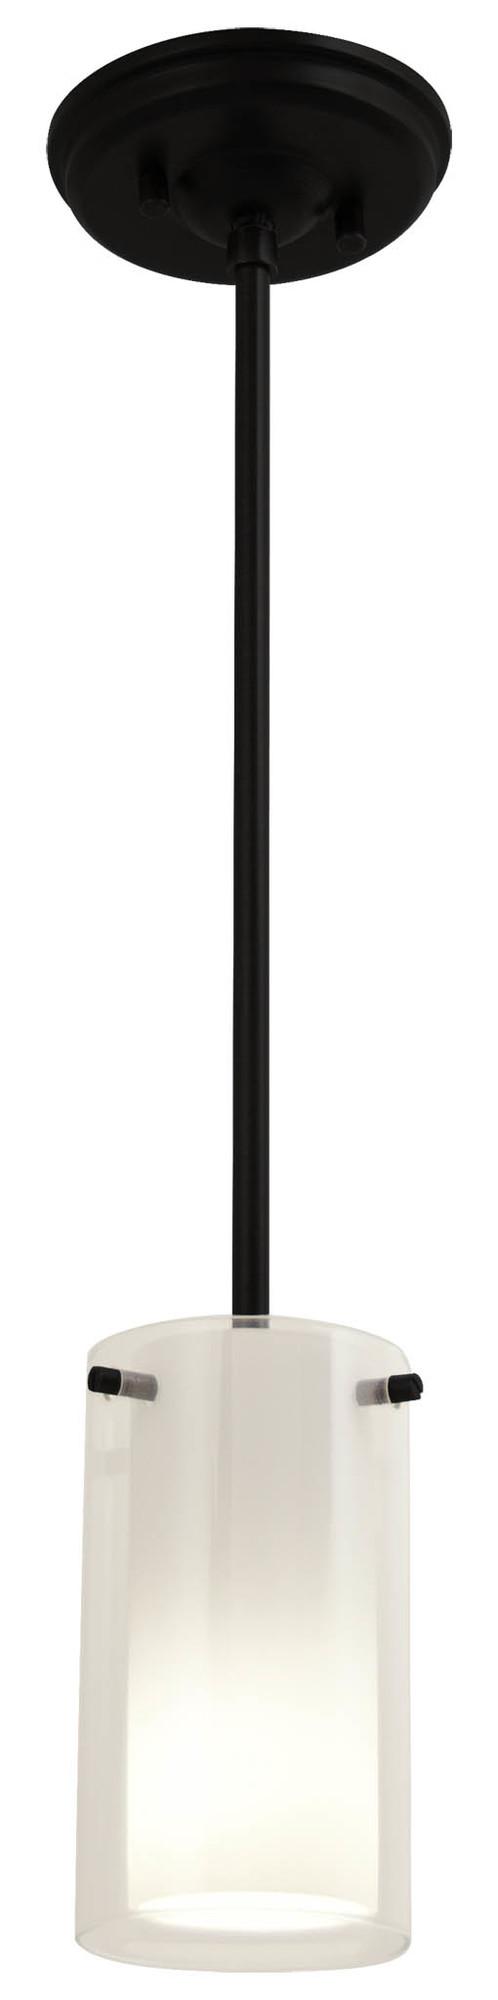 Essex 1 Light Mini Pendant